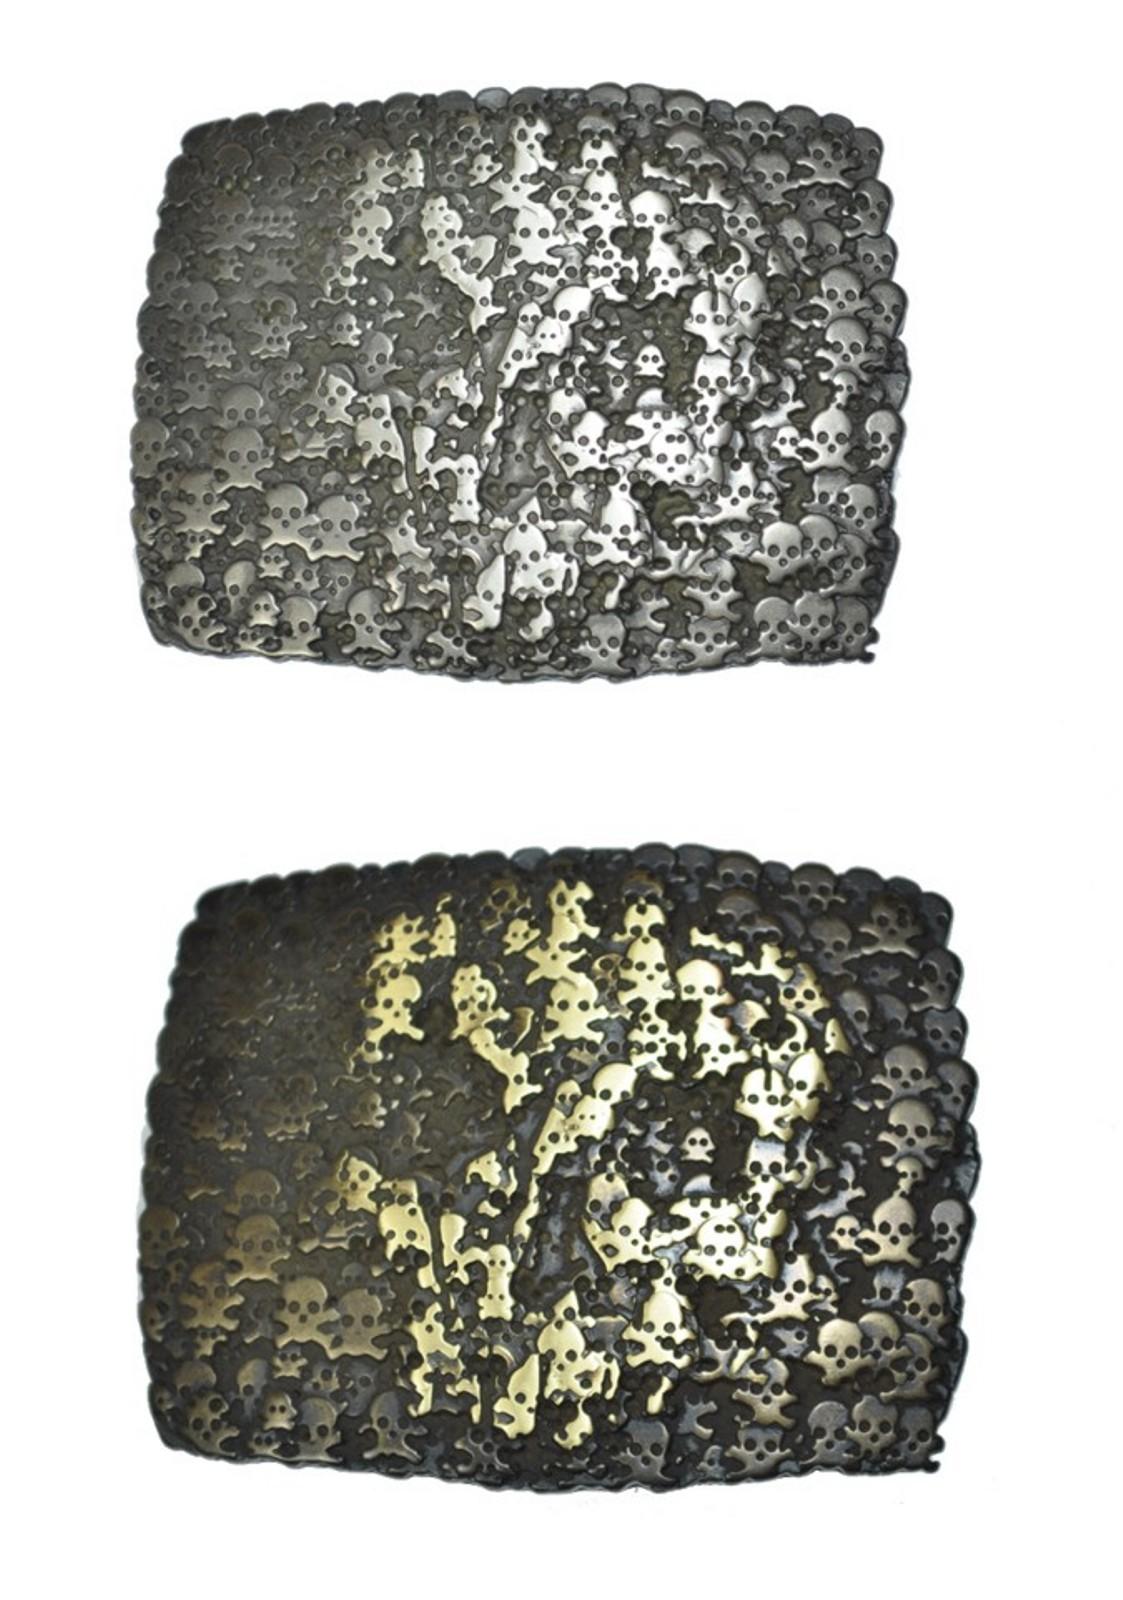 Schließe Buckle Gürtel-Schnalle Metall Rochenmuster Schnallen Wechselschließe